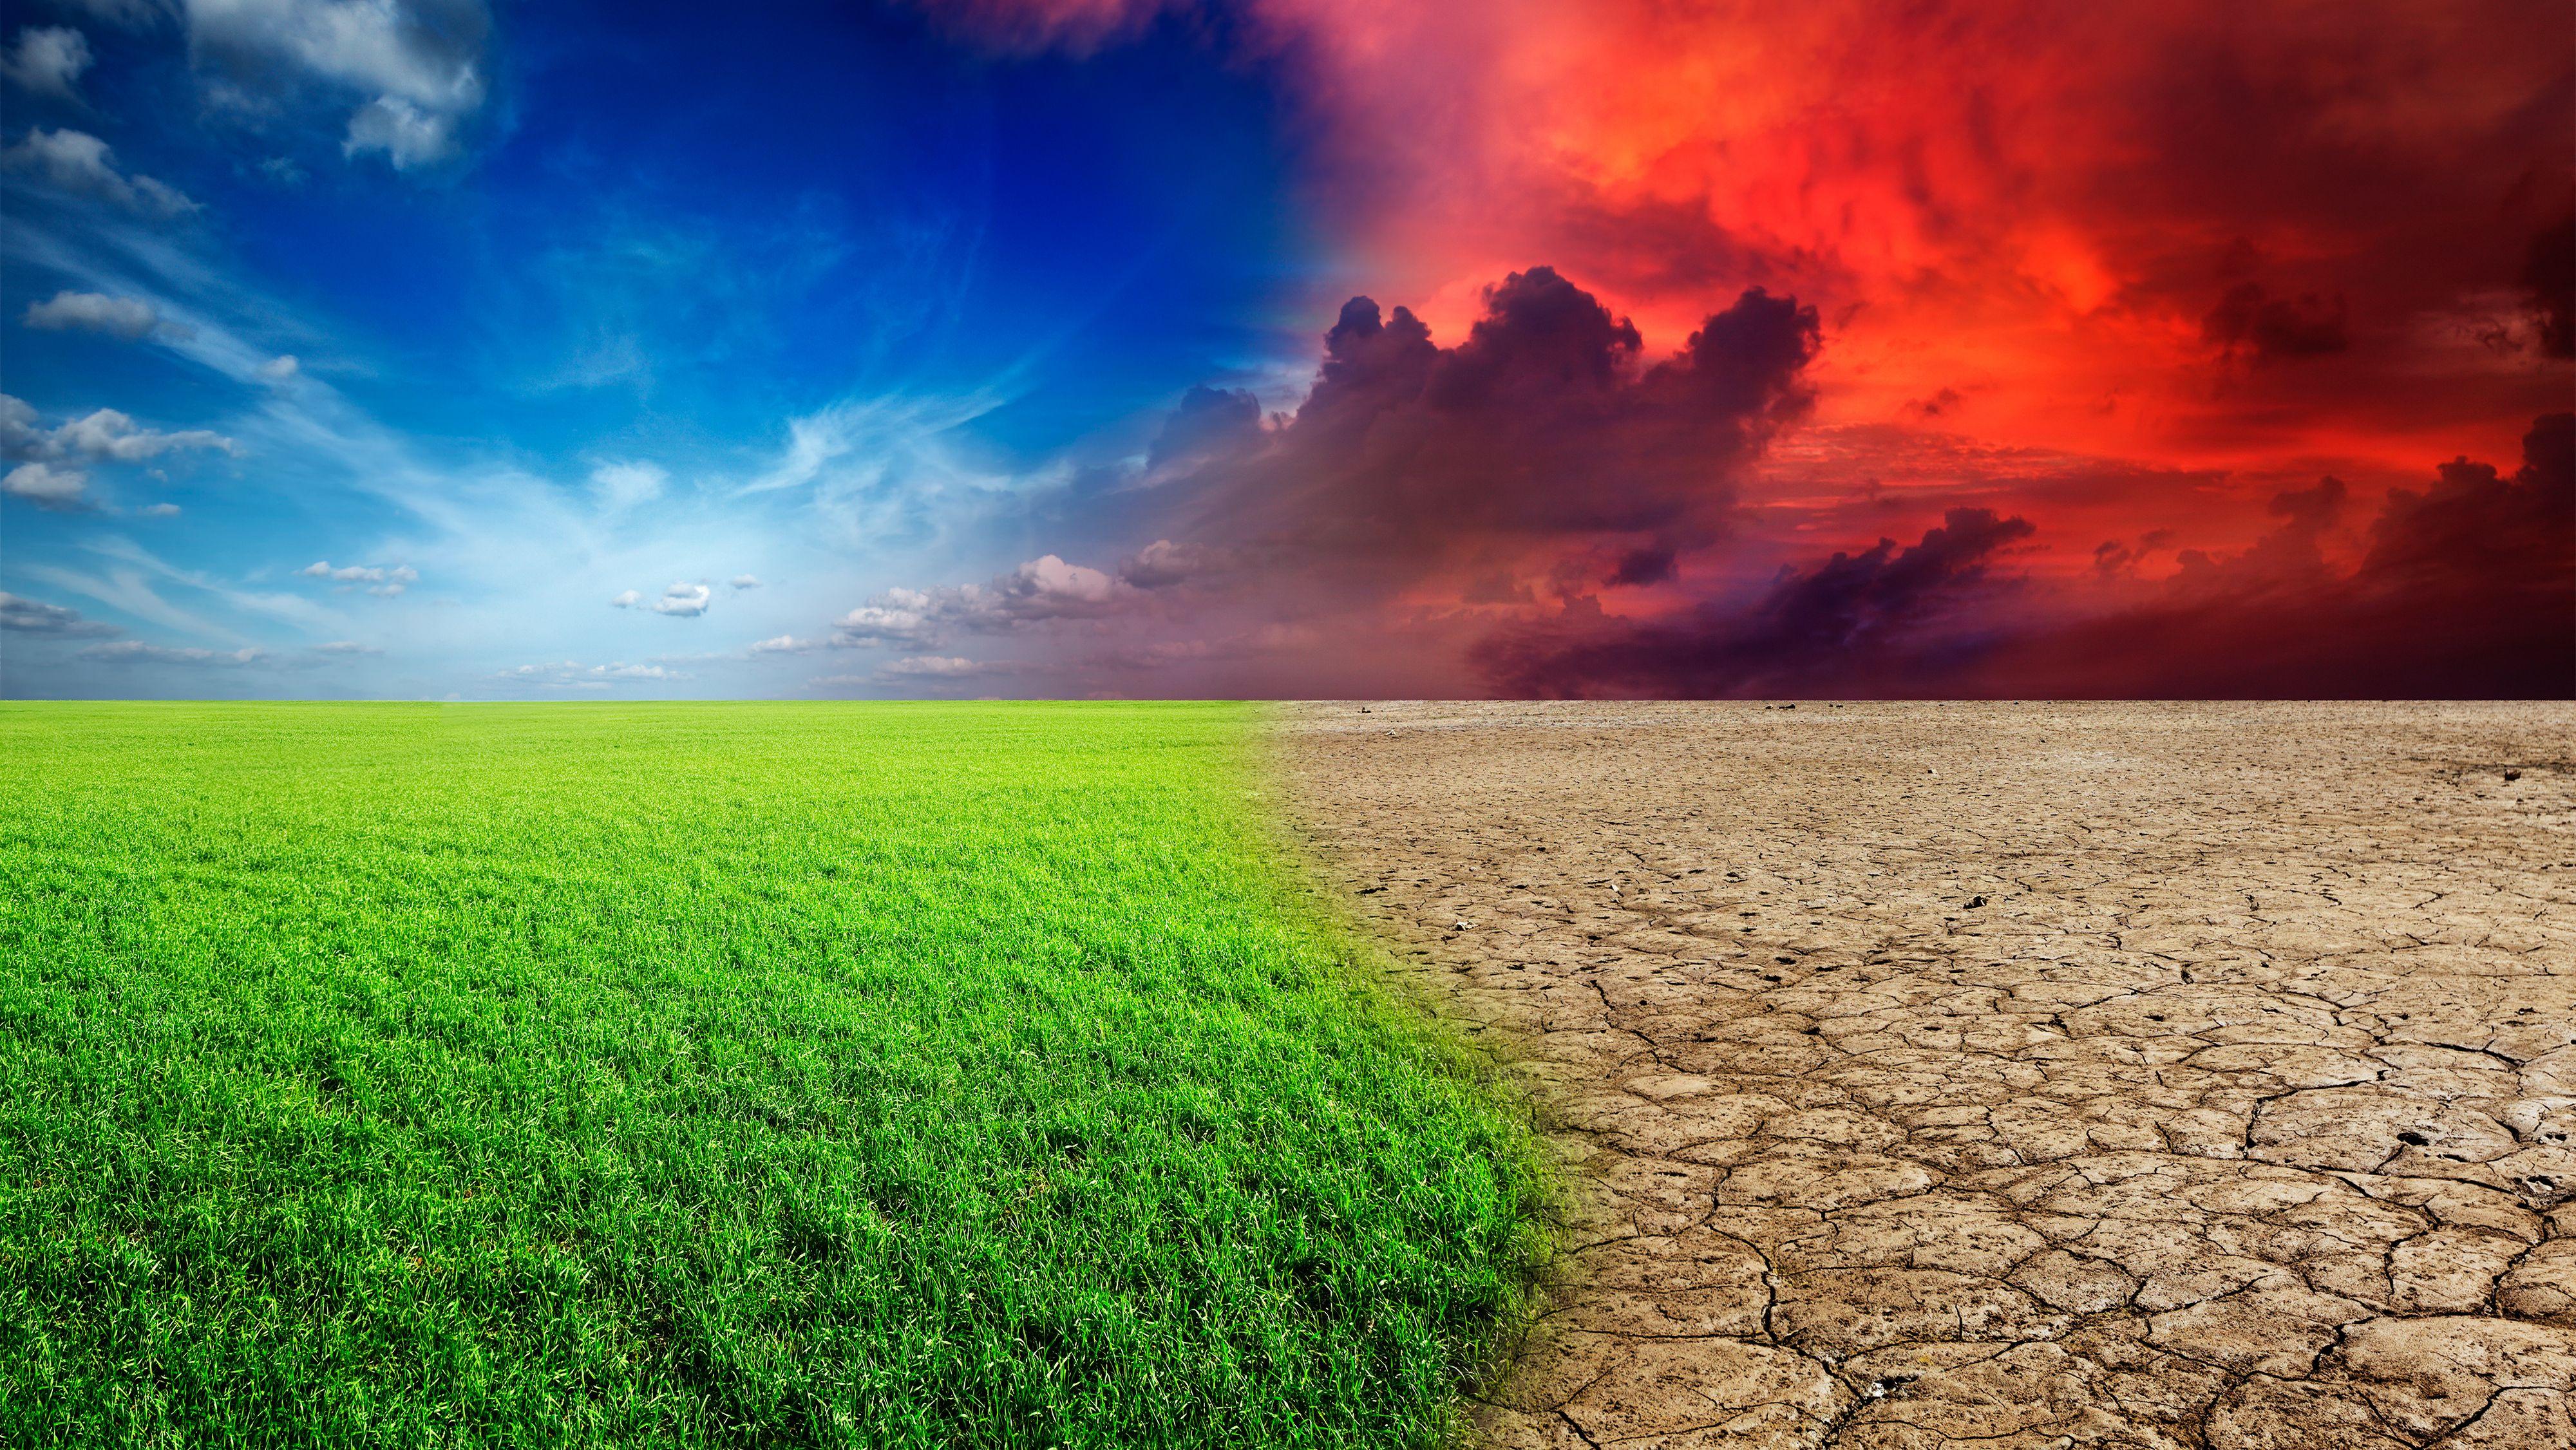 Landschaft mit grüner Wiese wird zu Wüstenlandschaft mit ausgetrocknetem Boden.